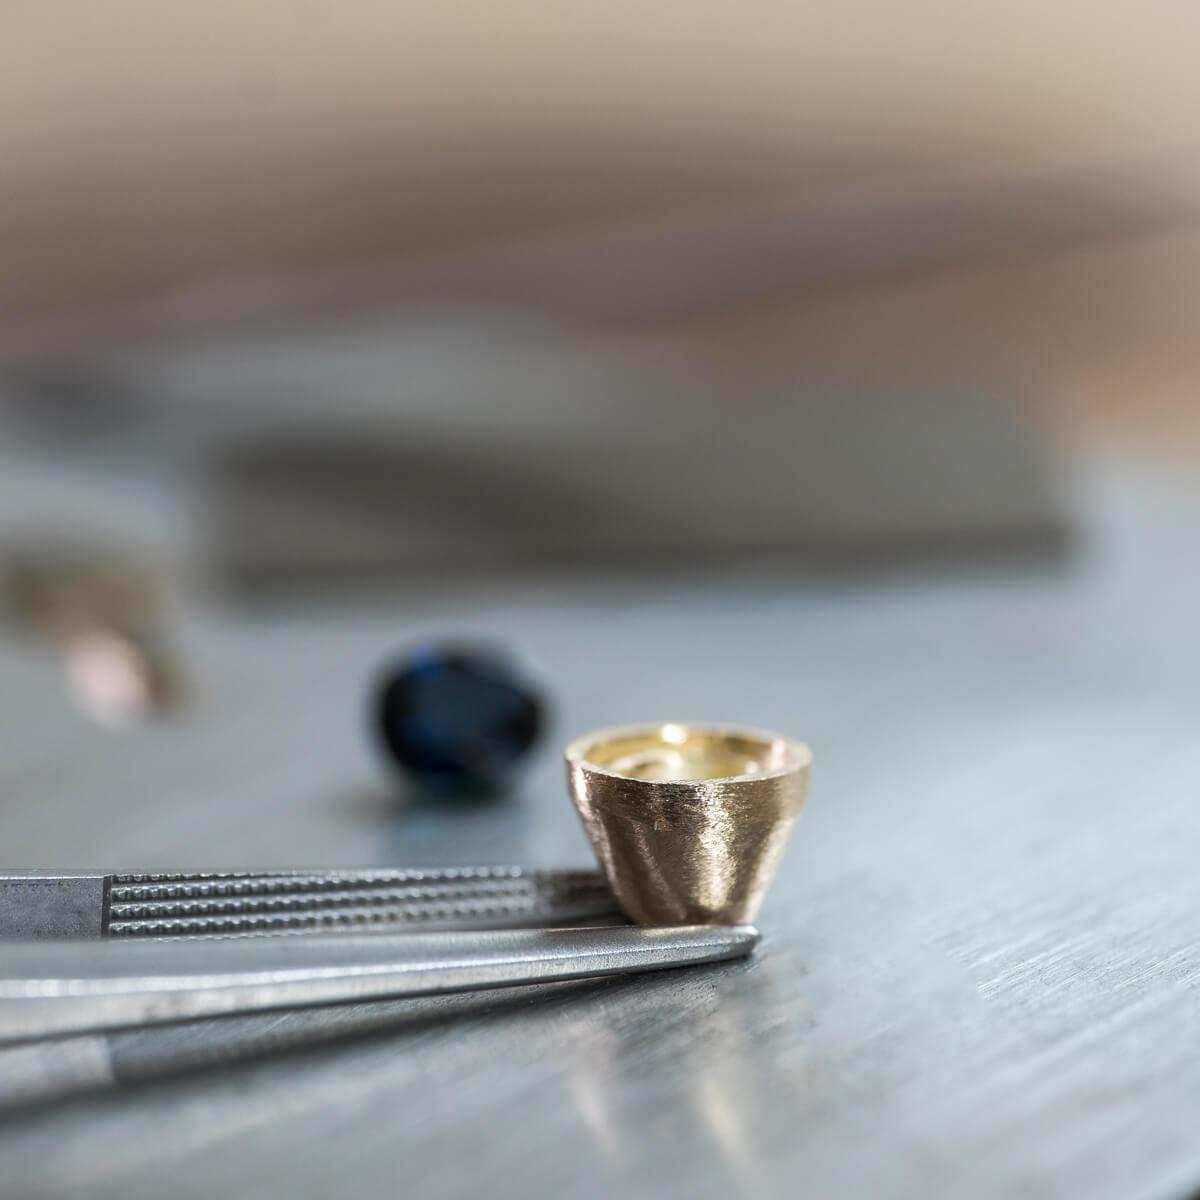 オーダーメイドリメイクジュエリーの制作風景 ジュエリーのアトリエ シャンパンゴールド石枠 屋久島でつくる結婚指輪